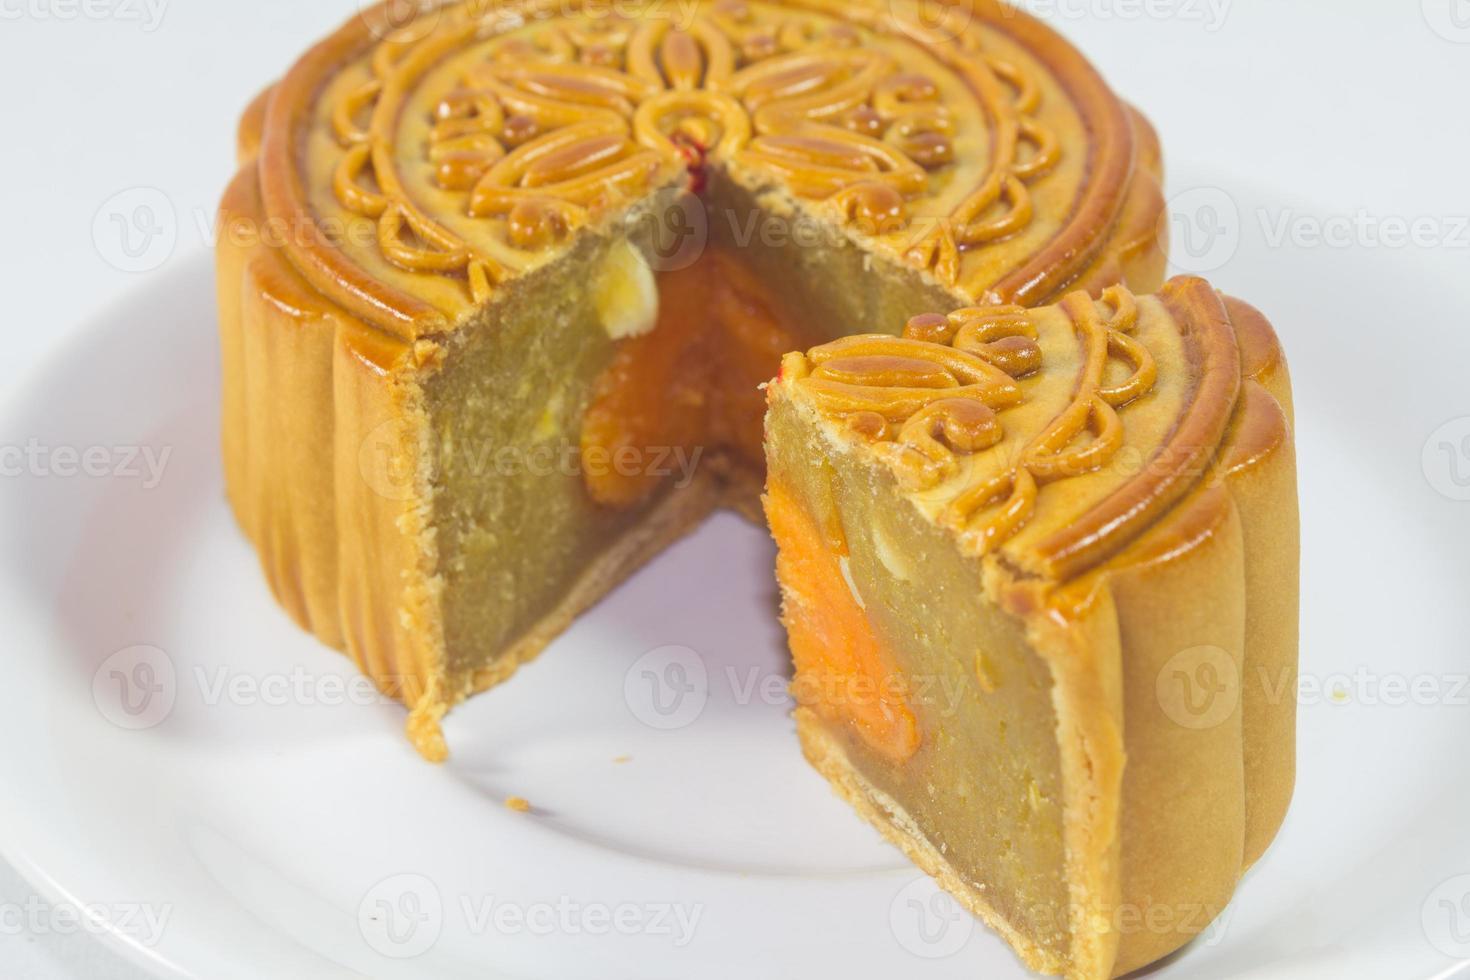 gesneden mooncake op witte plaat foto